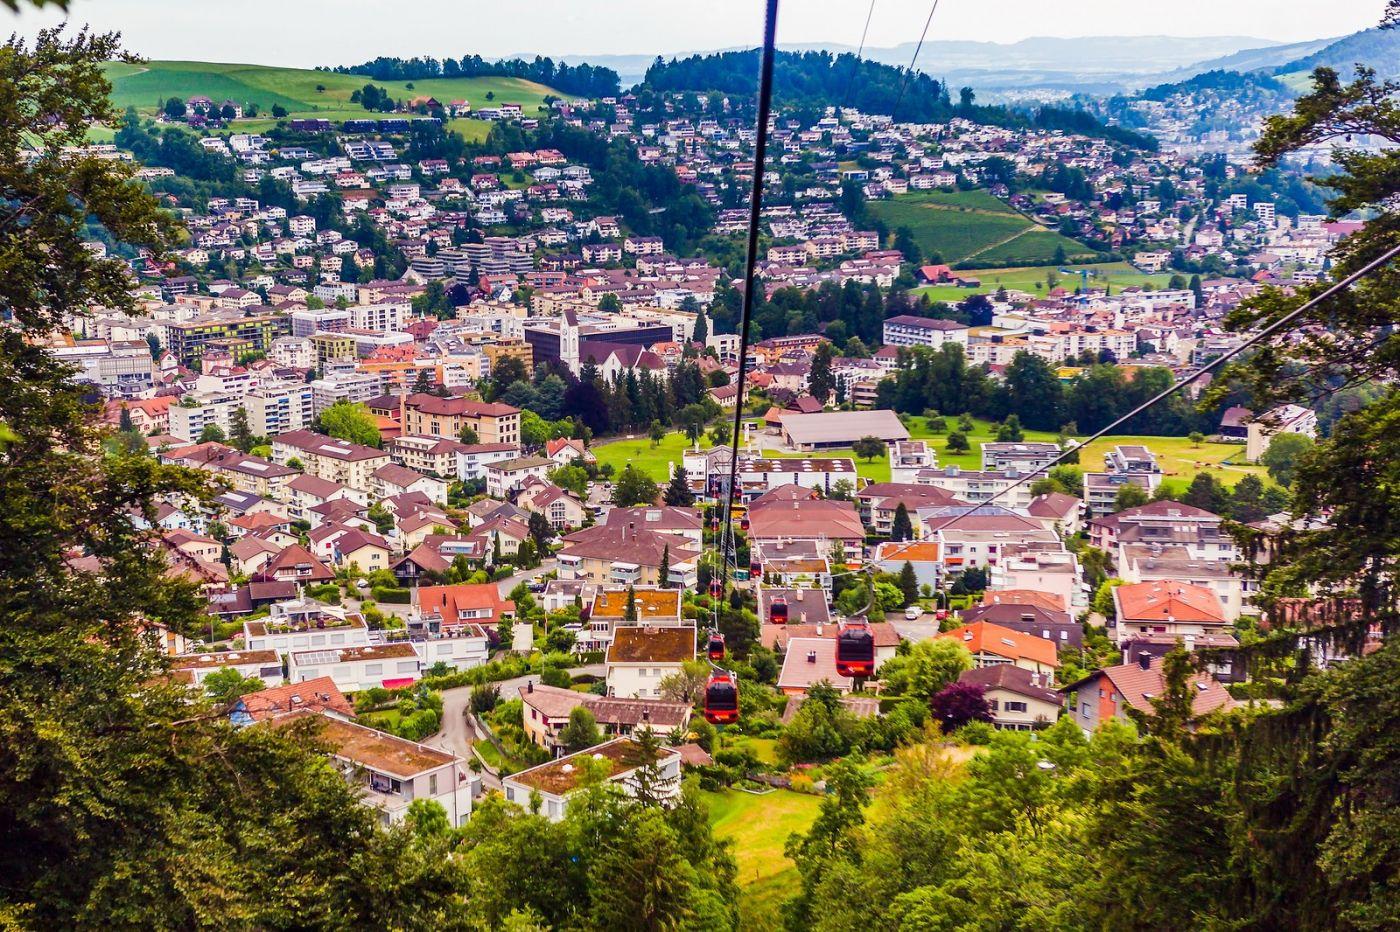 瑞士卢塞恩(Lucerne),坐缆车看风景_图1-10